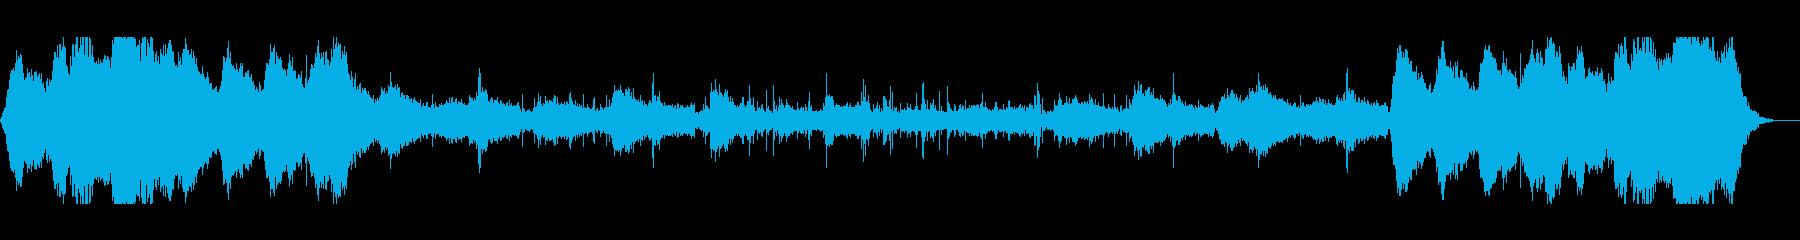 ドローン映像、ヨガや瞑想などに。自然の曲の再生済みの波形